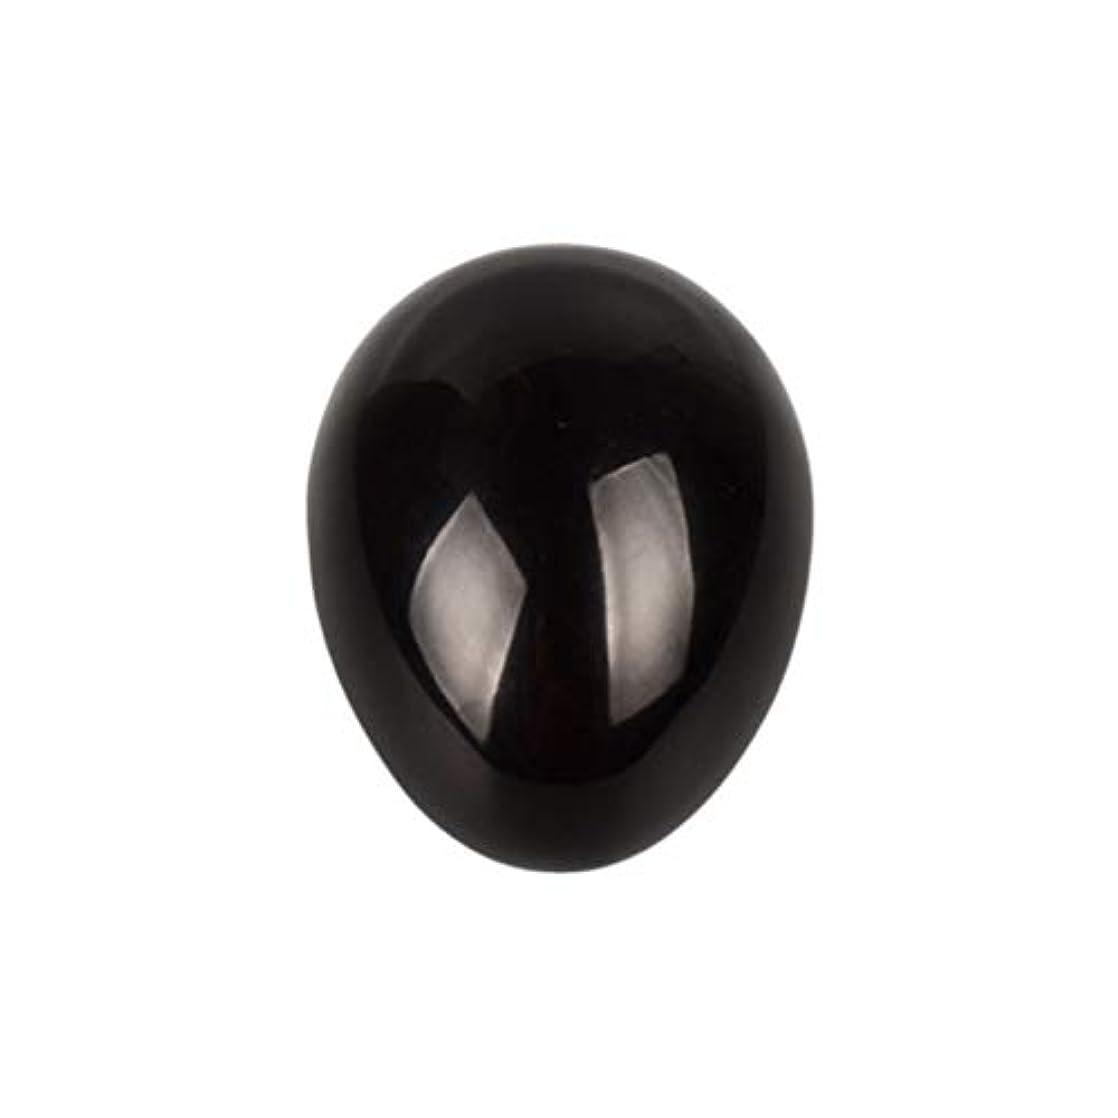 位置する騒ぎ女将Healifty 癒しの瞑想のための黒い黒曜石の宝石の卵球チャクラのバランスと家の装飾45 * 30 * 30ミリメートル